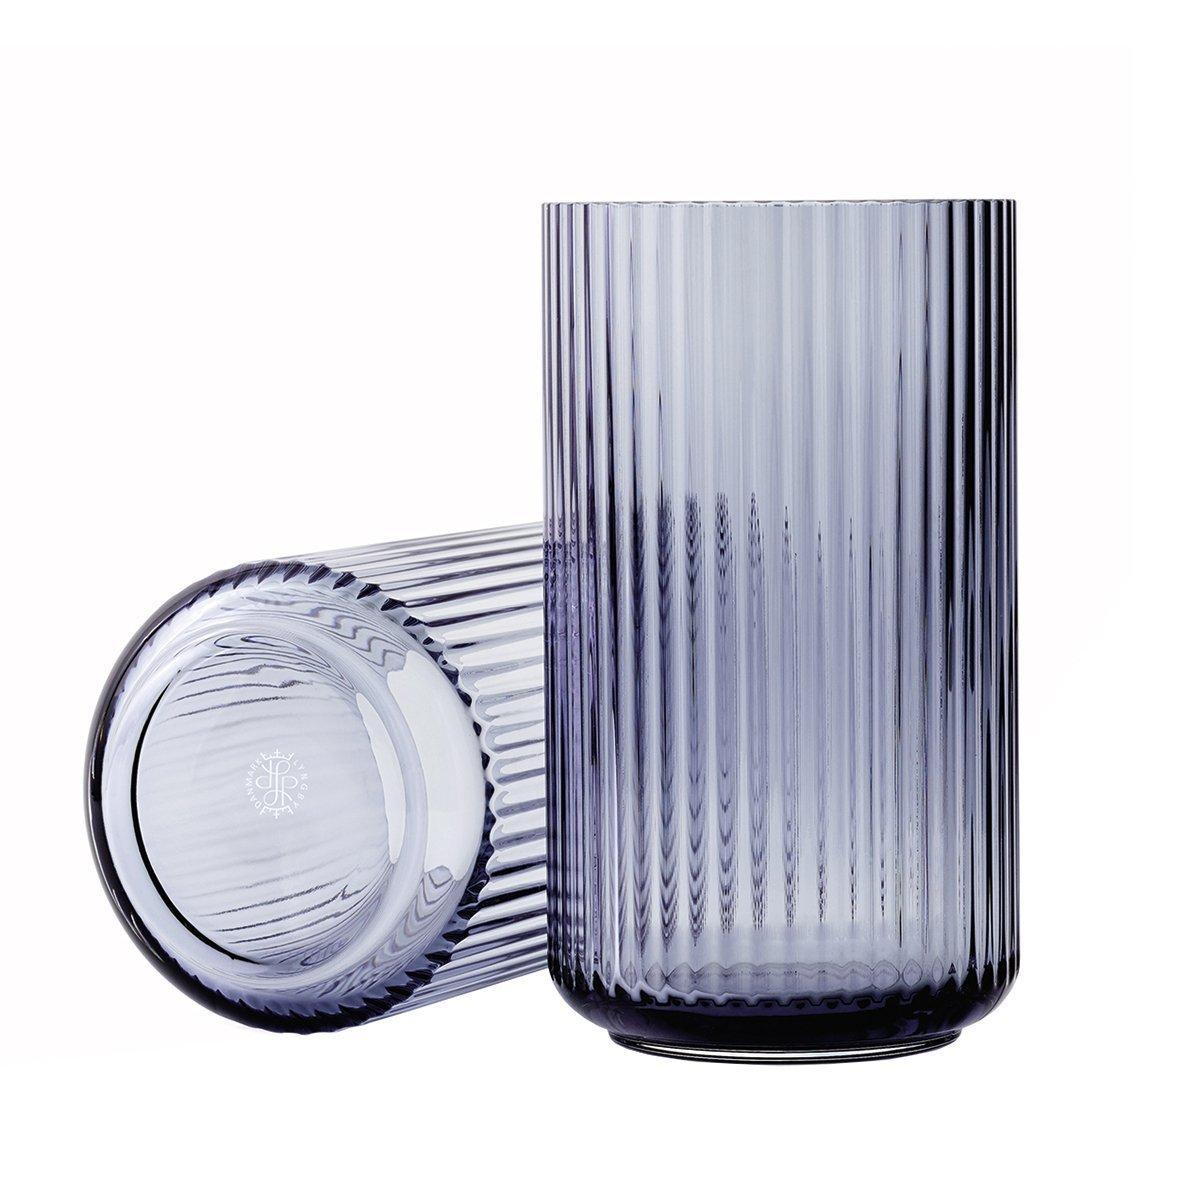 Lyngby Porcel�n Lyngby Vaas Glas - Midnight Blue - 20,5 cm.